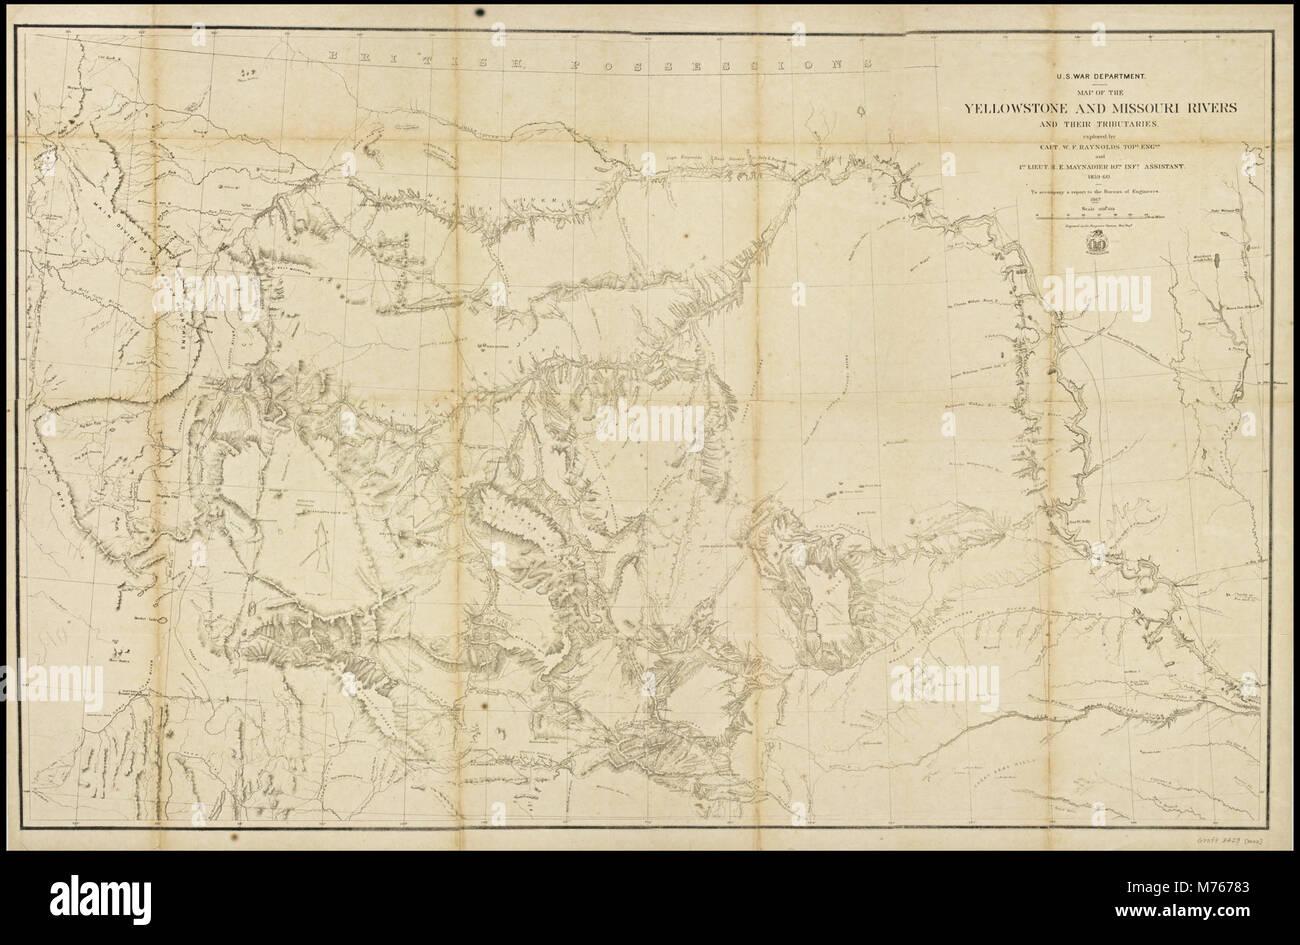 Yellowstone Karte.Karte Der Yellowstone Und Missouri Flüsse Und Ihre Nebenflüsse